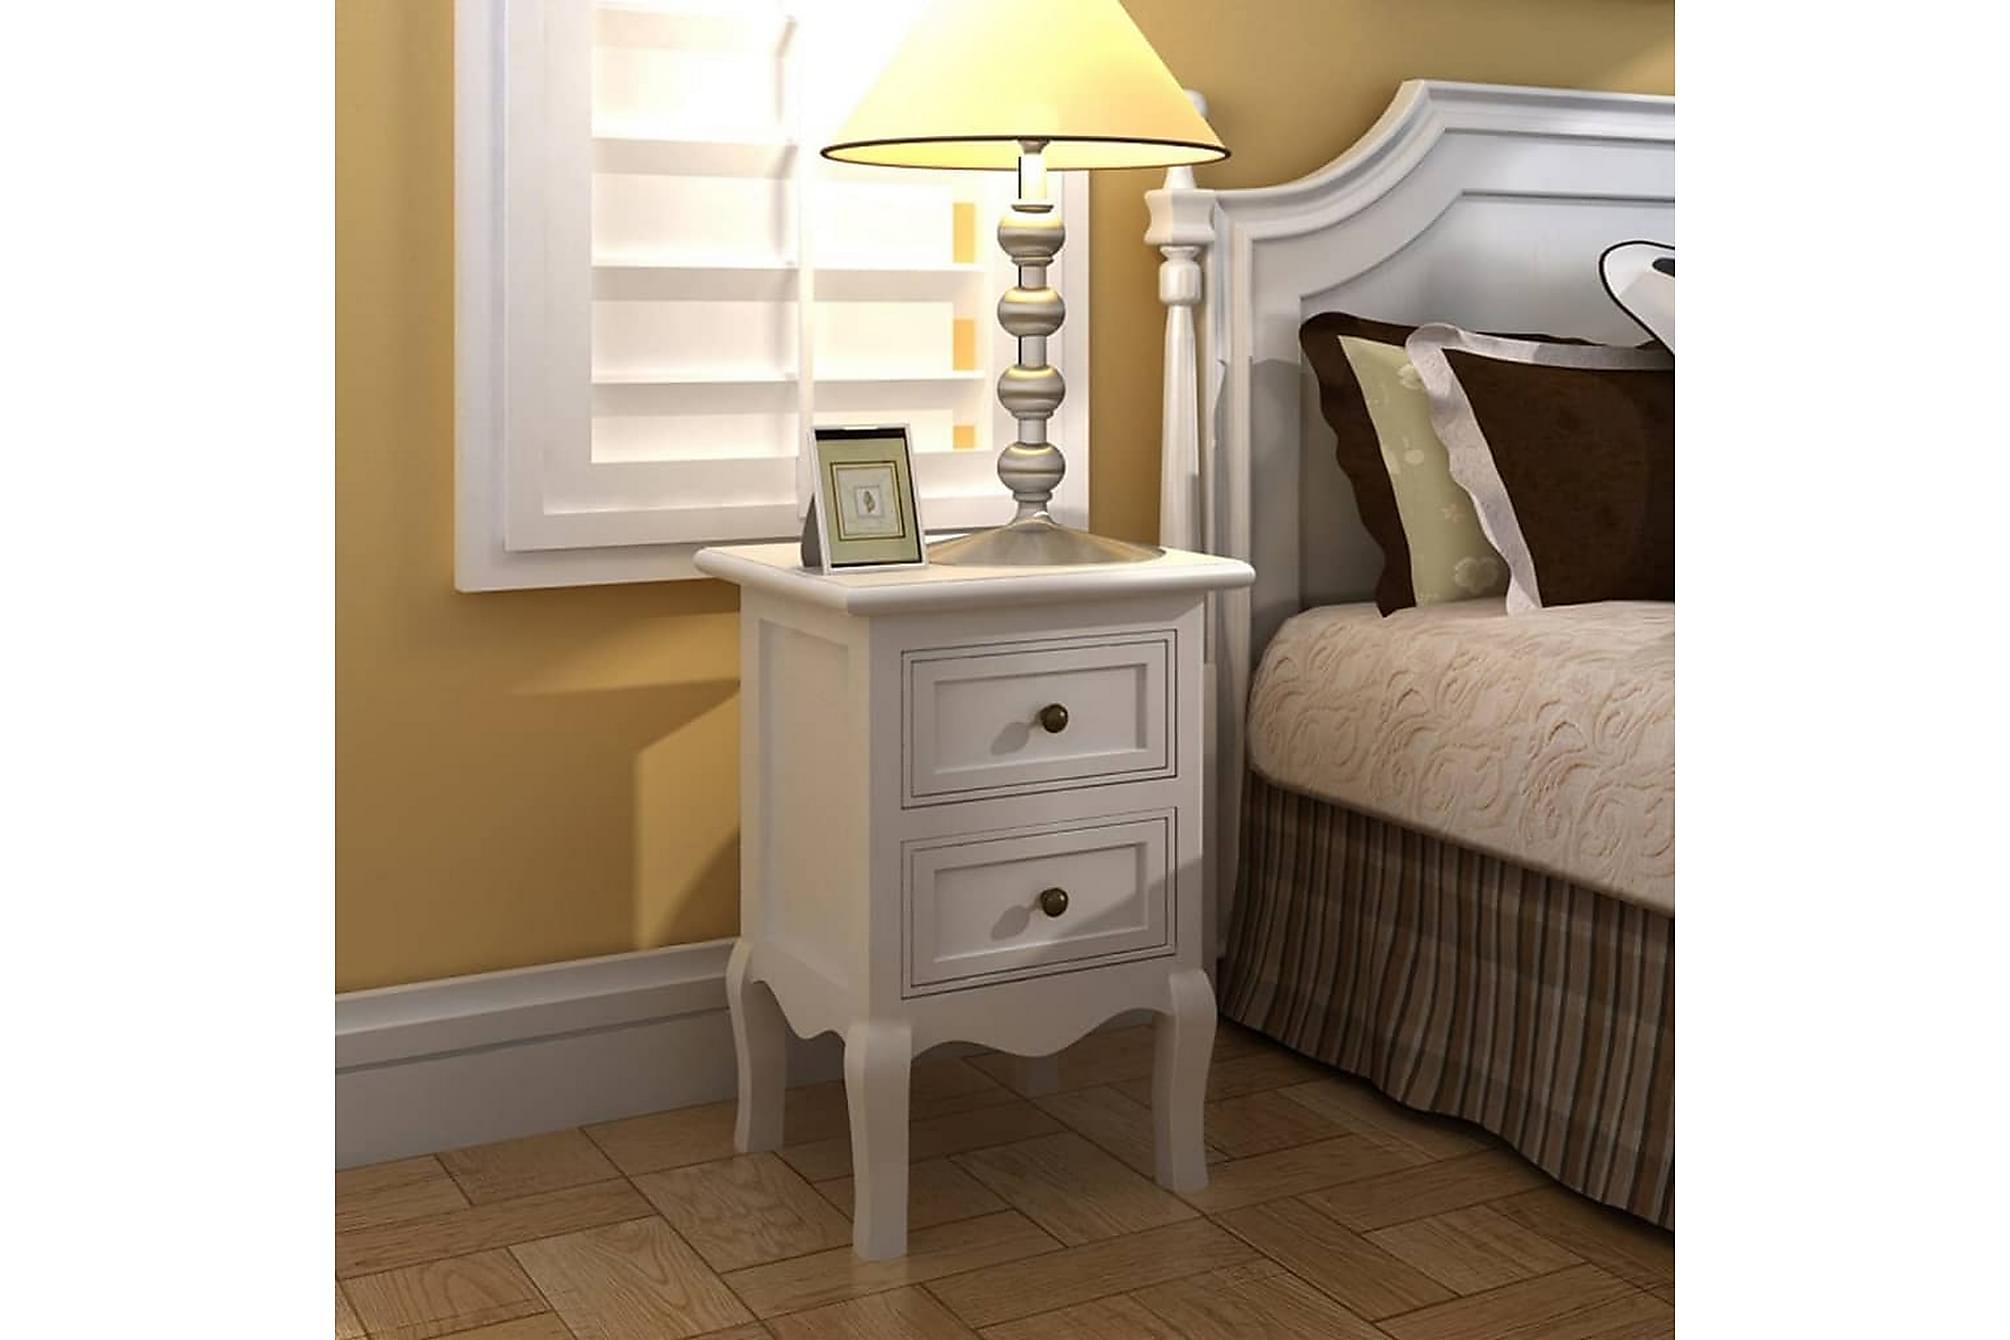 Sängbord 4 st m. 2 lådor MDF vit